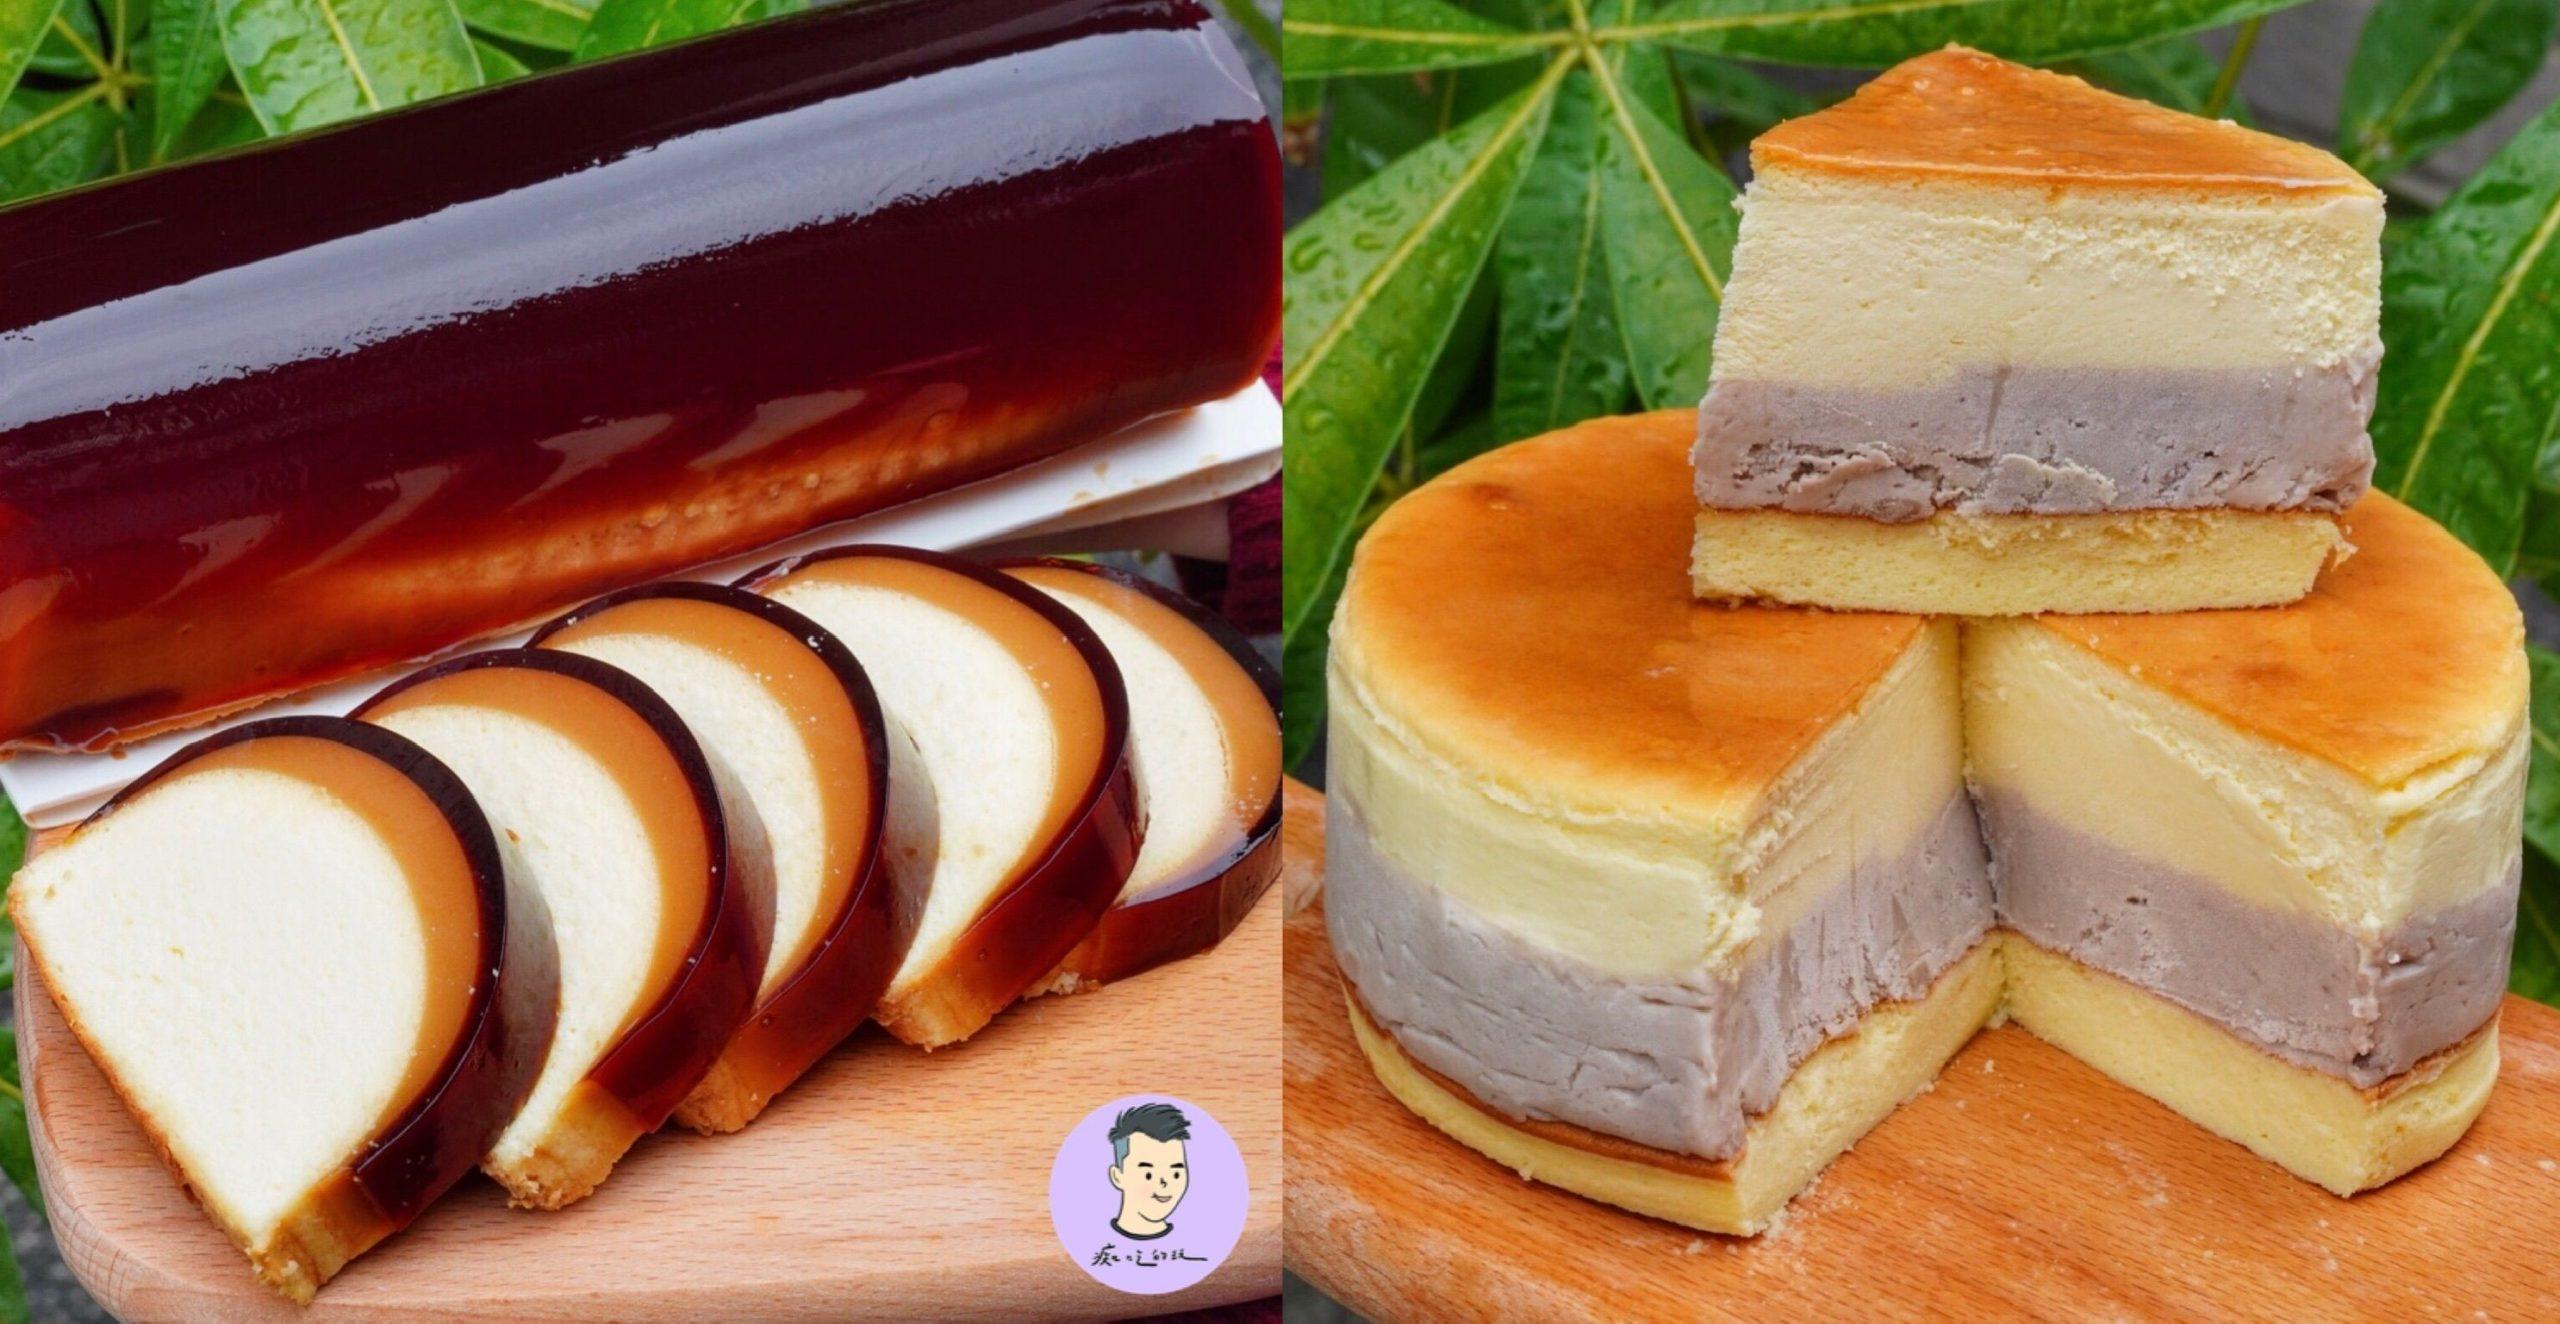 IG超火紅人氣療癒甜點!!! 米滋崎專業烘焙 必買「楓糖布丁乳酪、香芋起司蛋糕 」厚厚芋泥+乳酪用料超大方|台中美食|台北美食